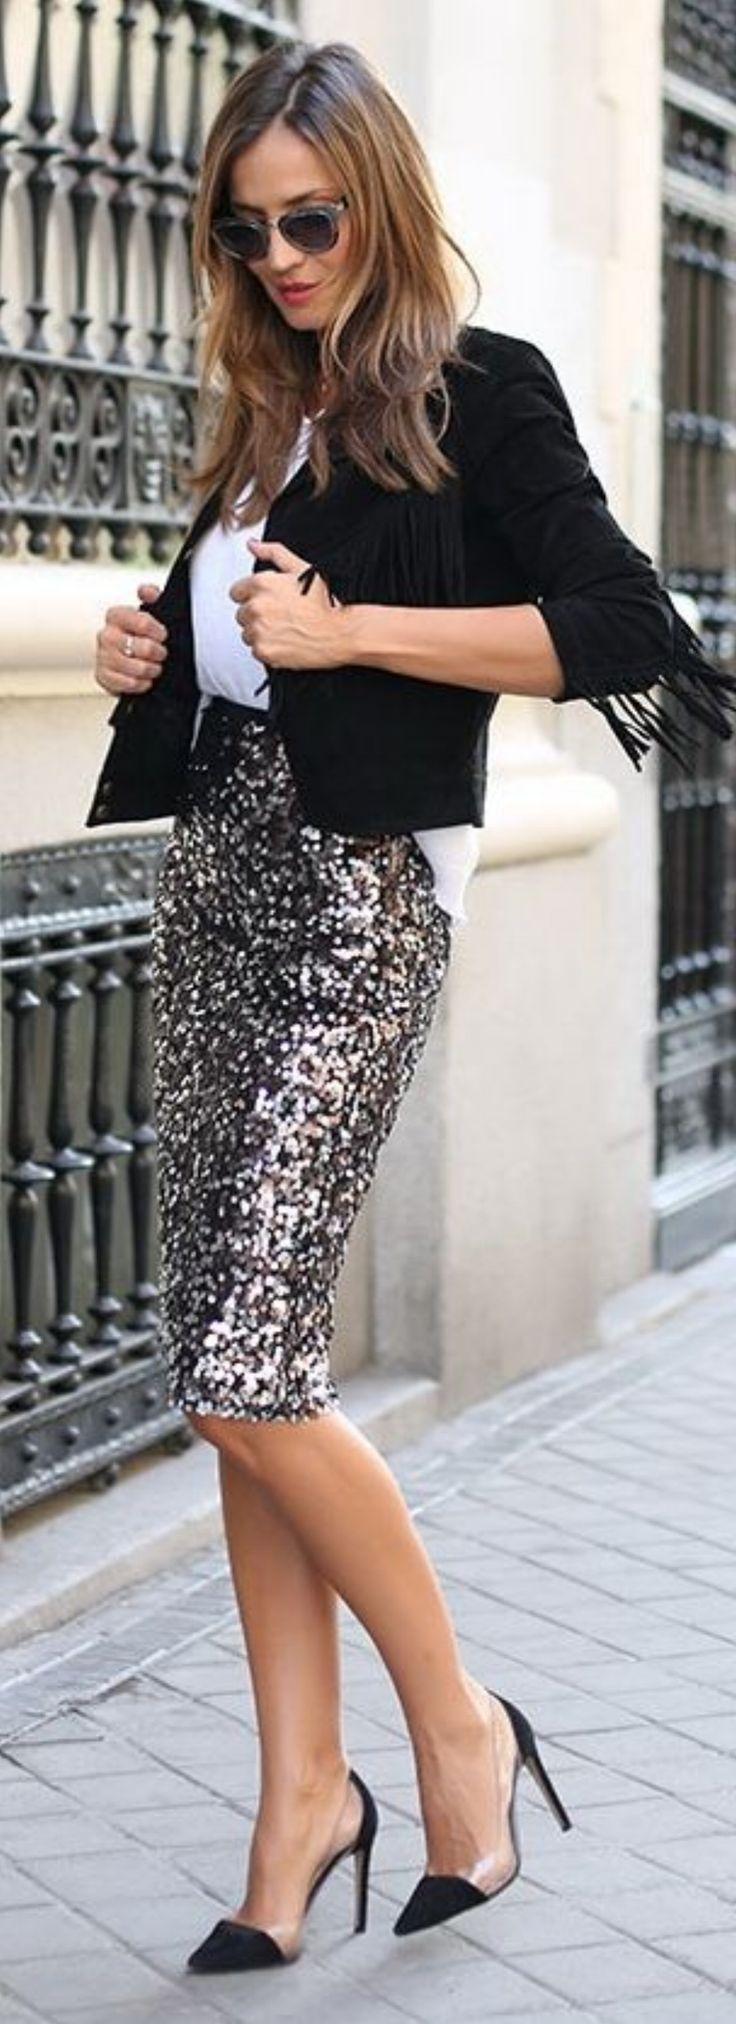 SUITEBLANCO + #VFNO #trending #outfits